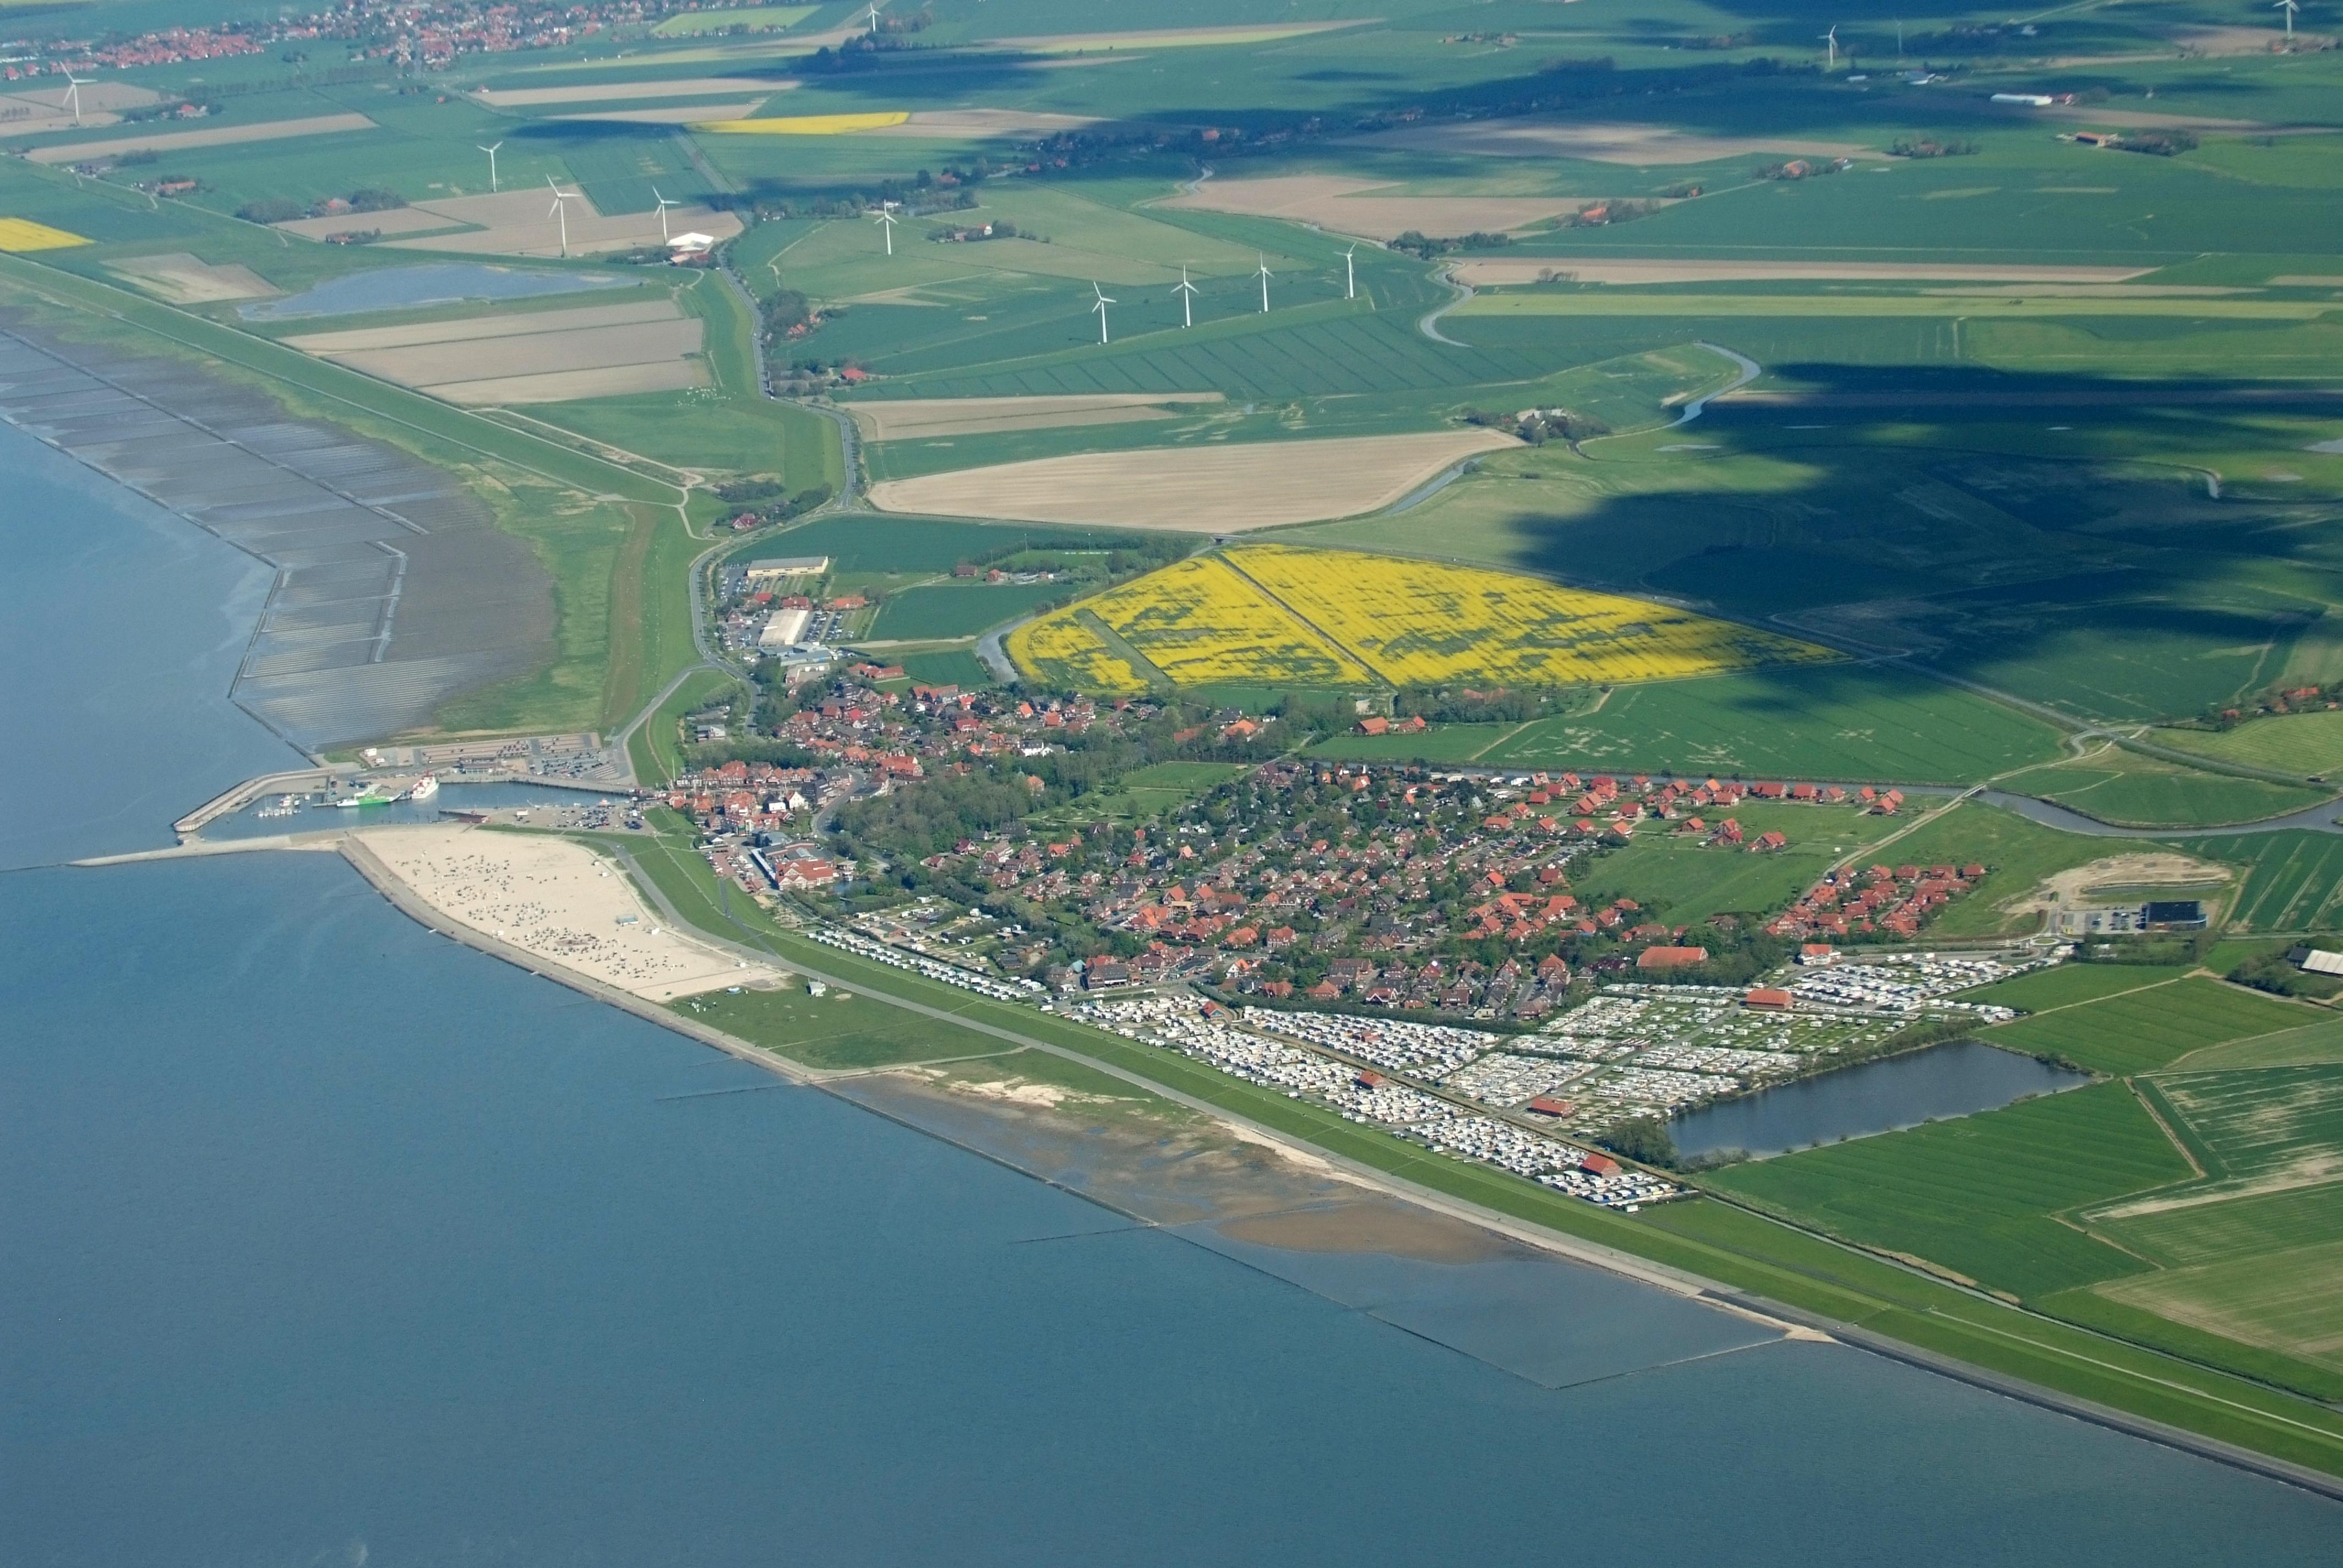 File:2012-05-13 Nordsee-Luftbilder DSCF8730.jpg - Wikimedia Commons